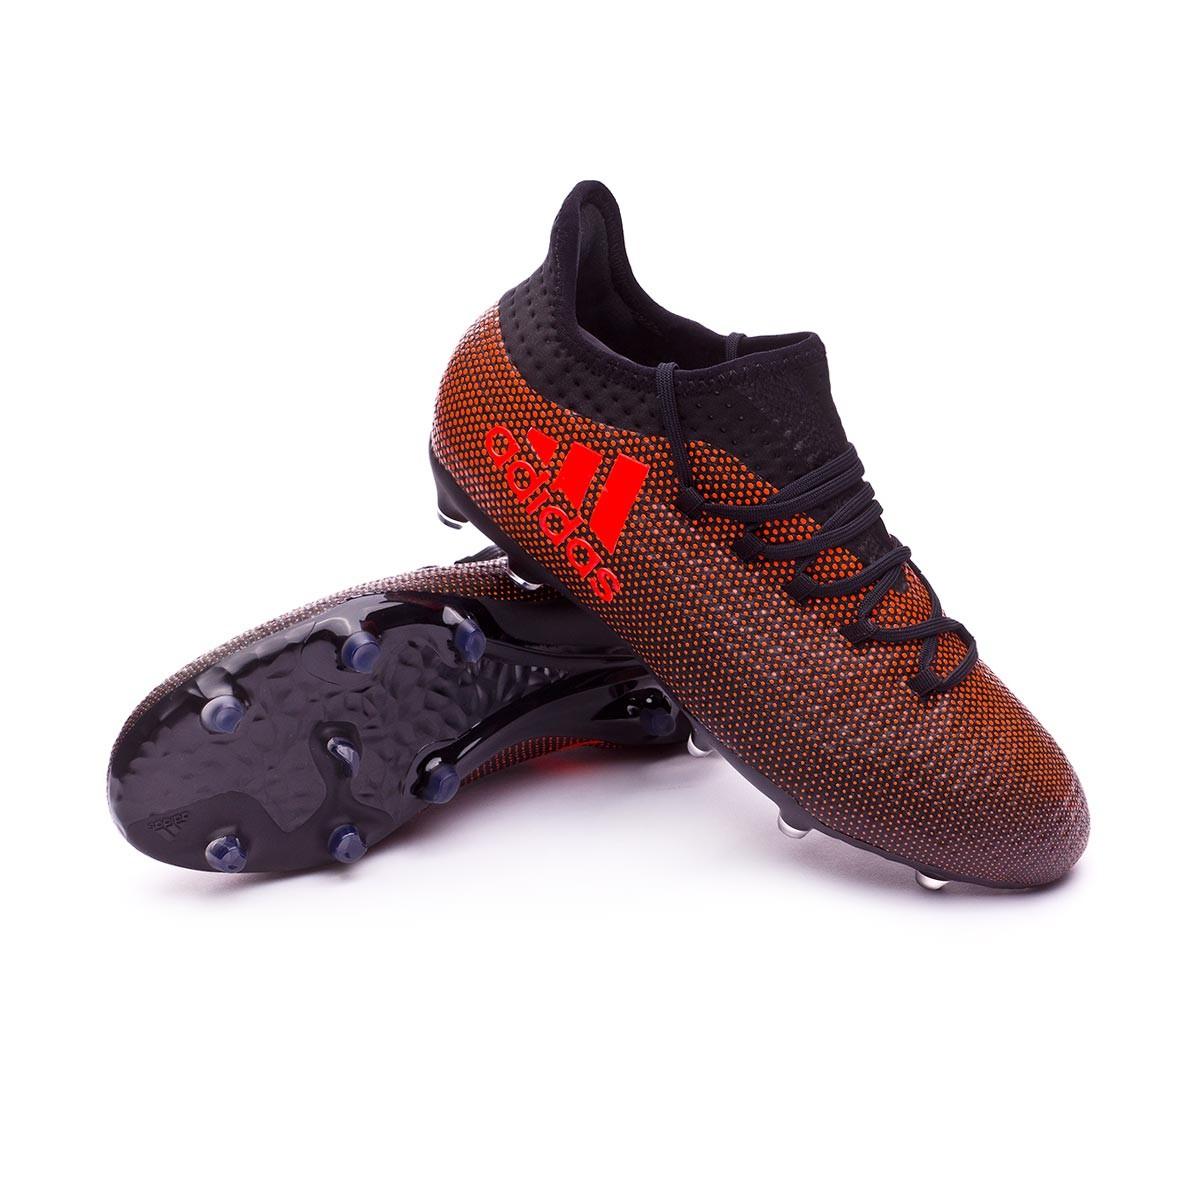 Zapatos de fútbol adidas X 17.1 FG Niño Core black-Solar red-Solar orange -  Soloporteros es ahora Fútbol Emotion 54a9e291bac96